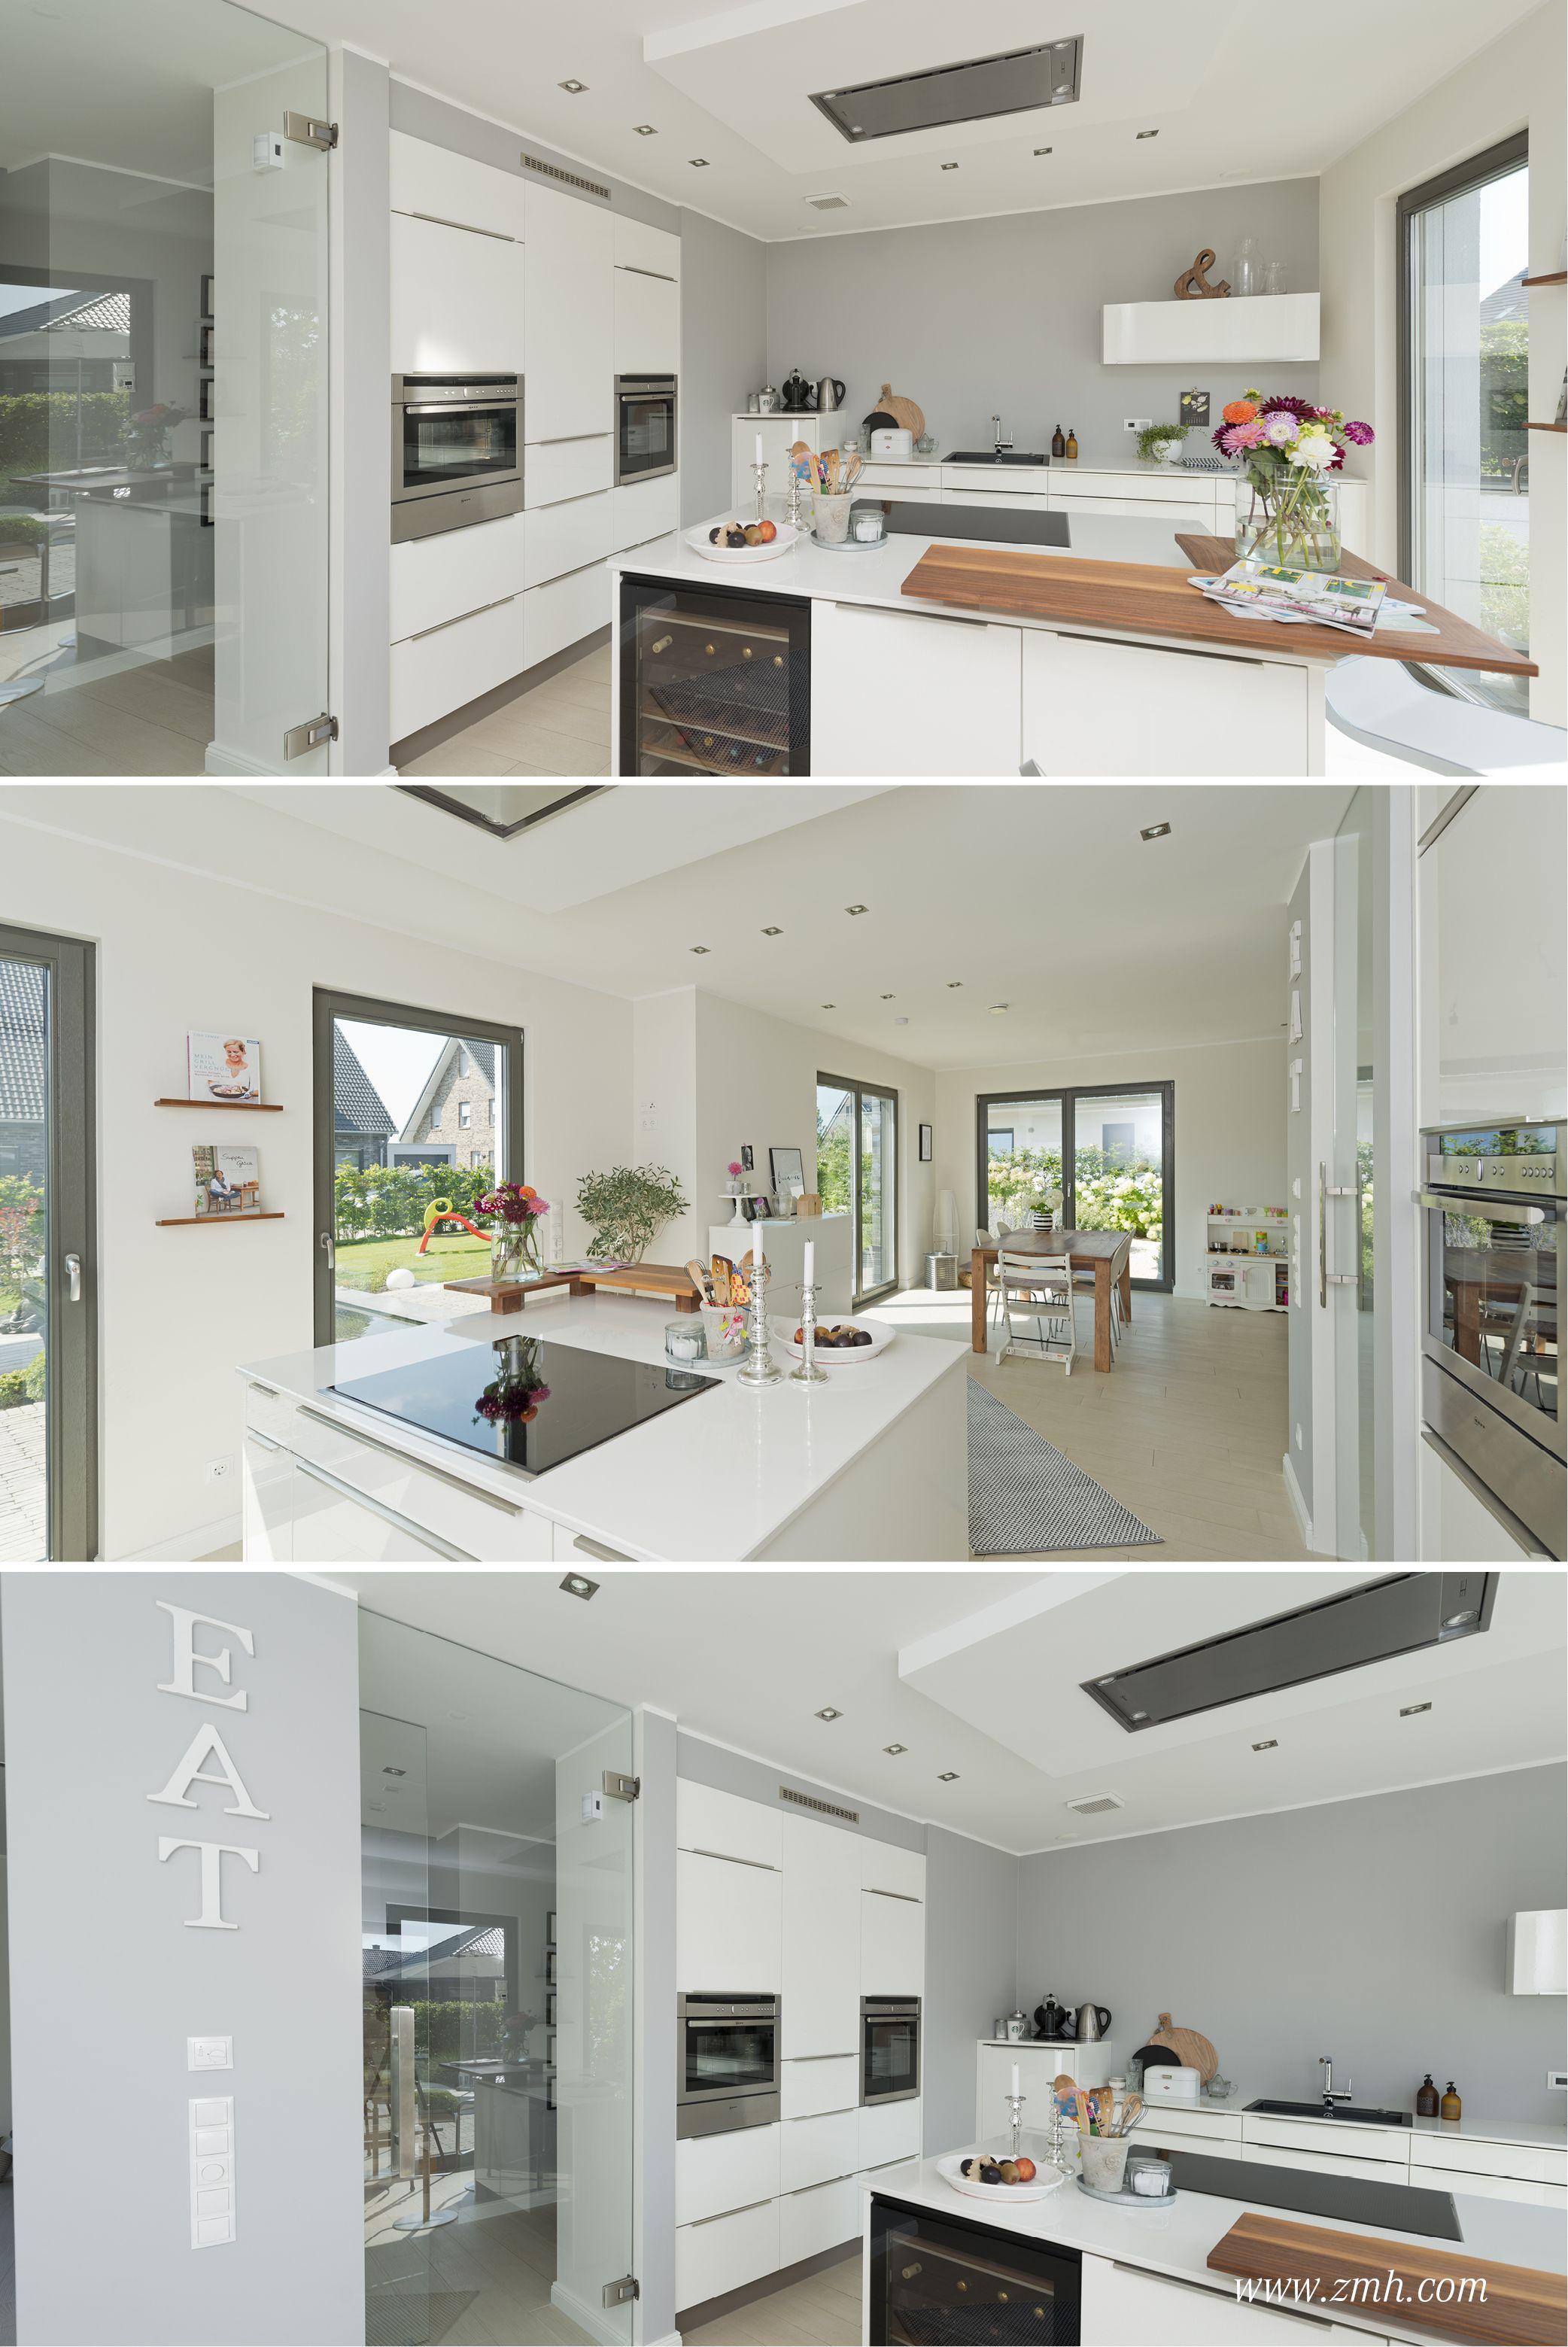 #Küchen #Design #Wohlfühlen #Esszimmer #Designerküche #Weiß #Holz #Wohnen